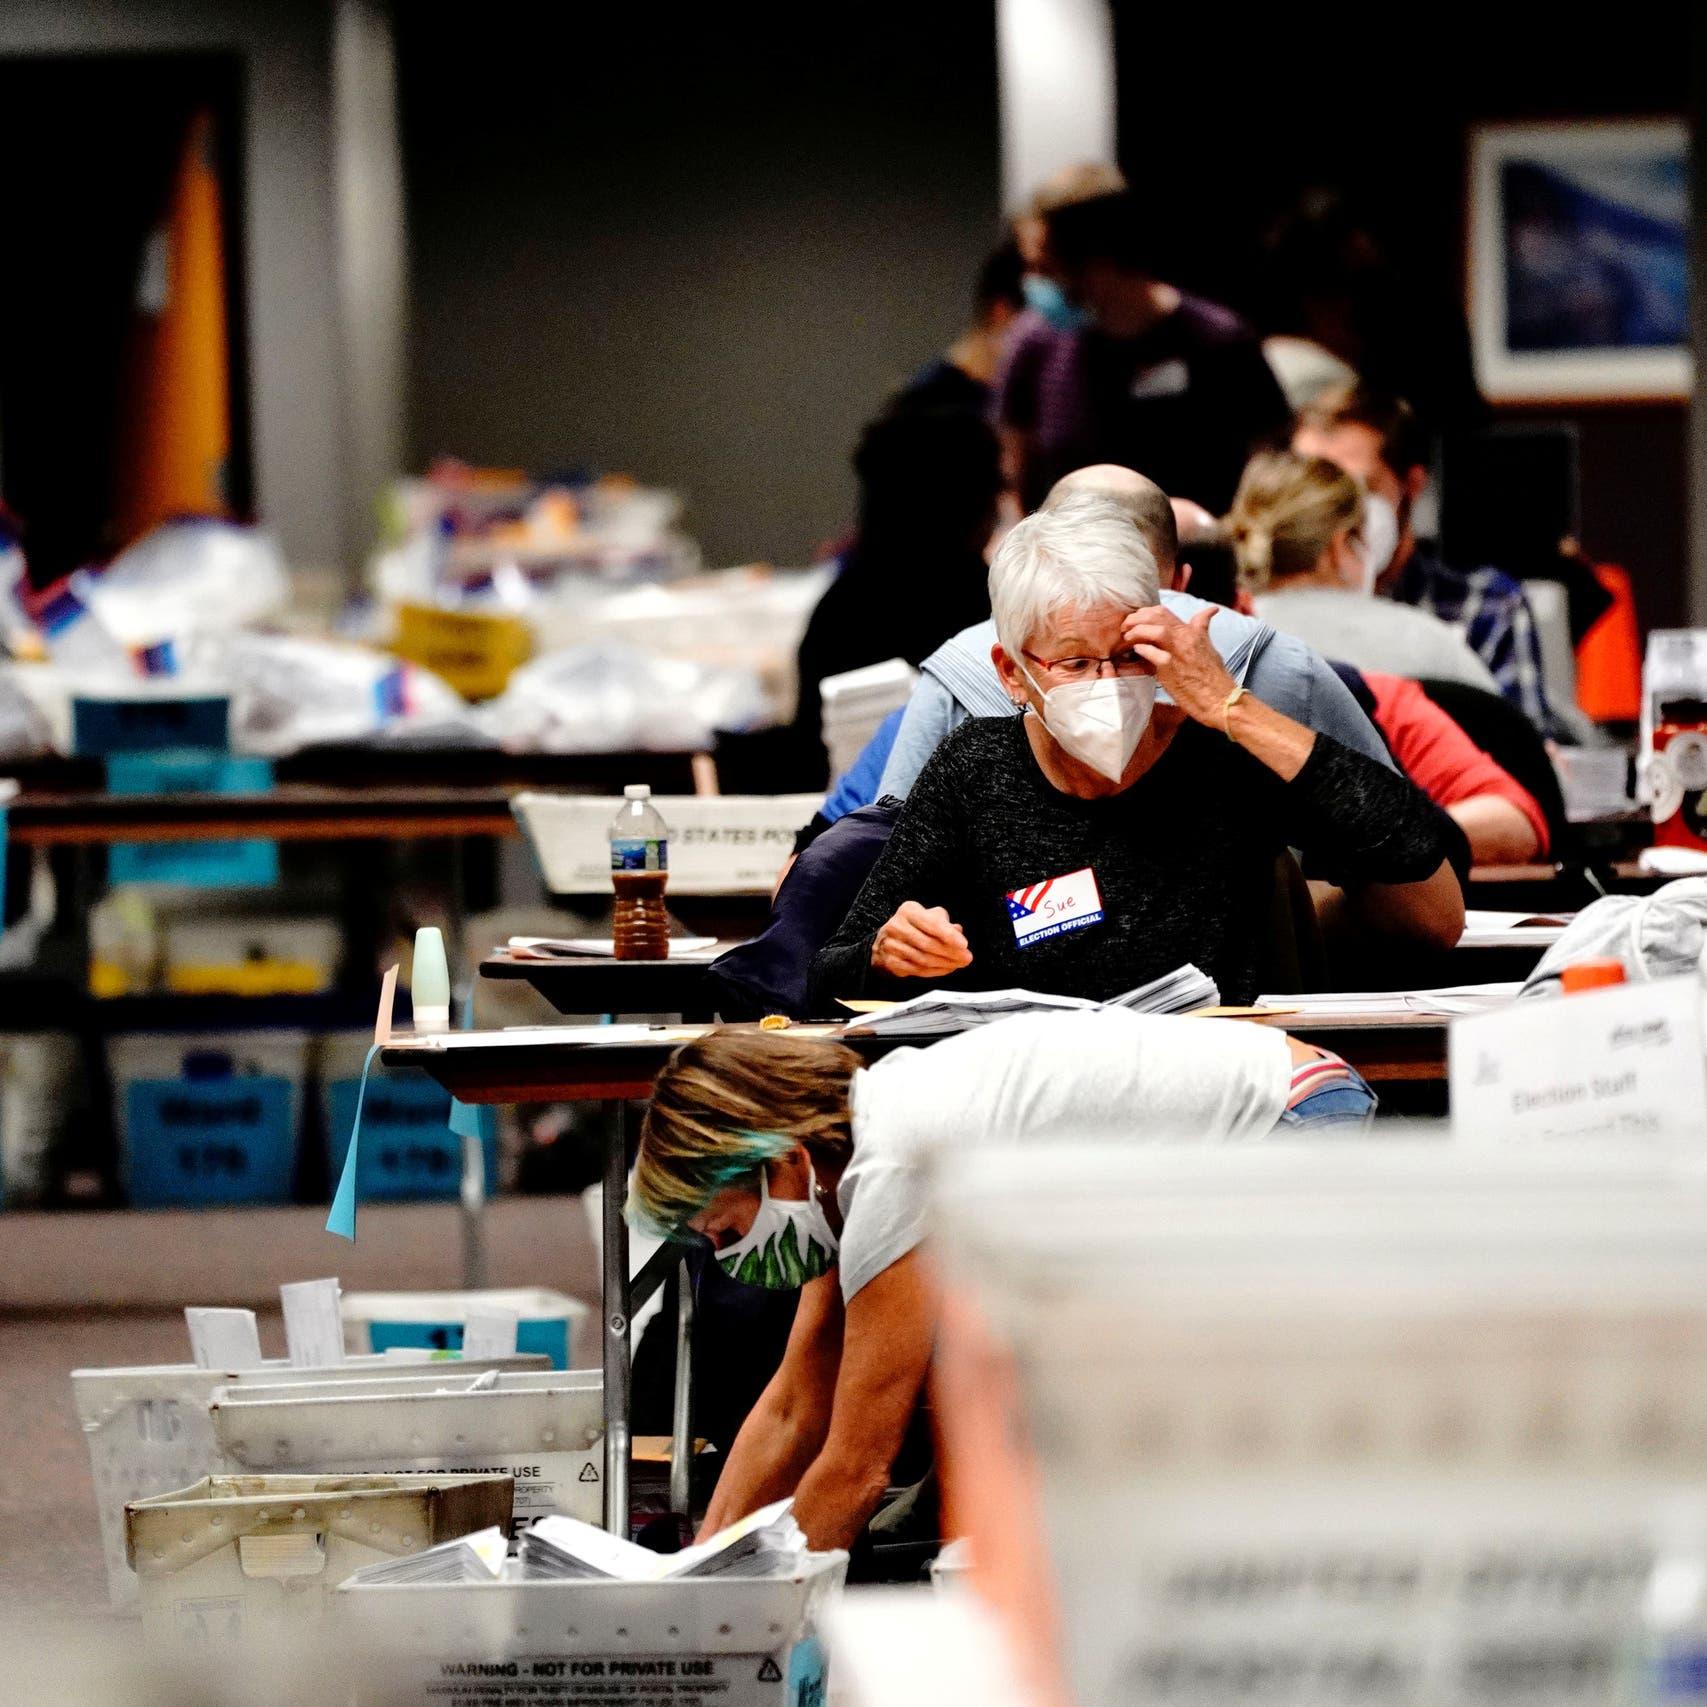 إعادة فرز الأصوات في ويسكونسن تؤكد فوز بايدن بالانتخابات